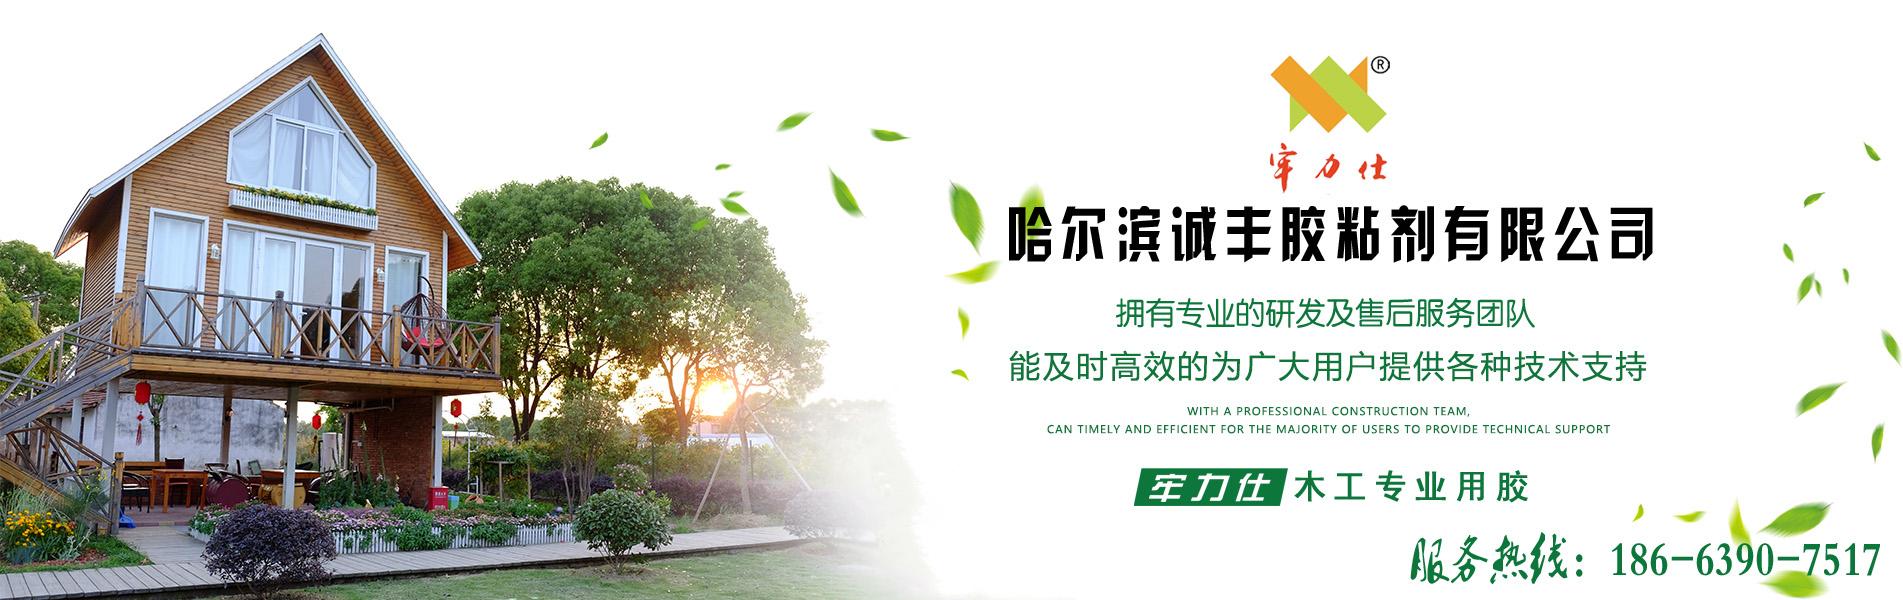 必威官网手机版下载-必威中文网站